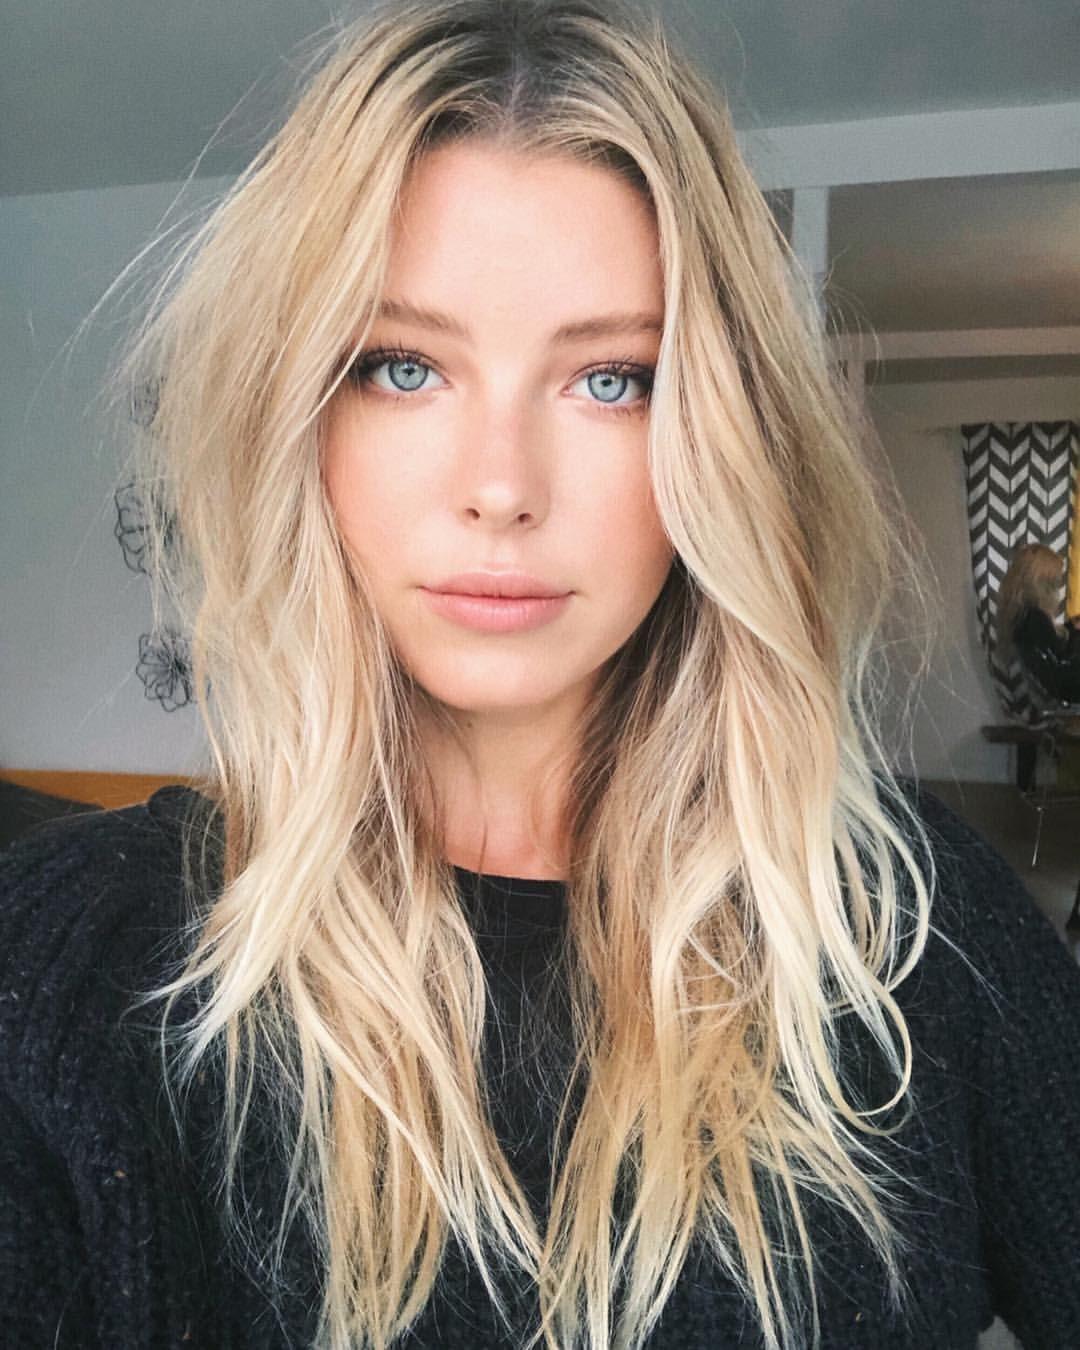 Messy hair   hairstyles   wavy hair   blonde   blue eyes ...